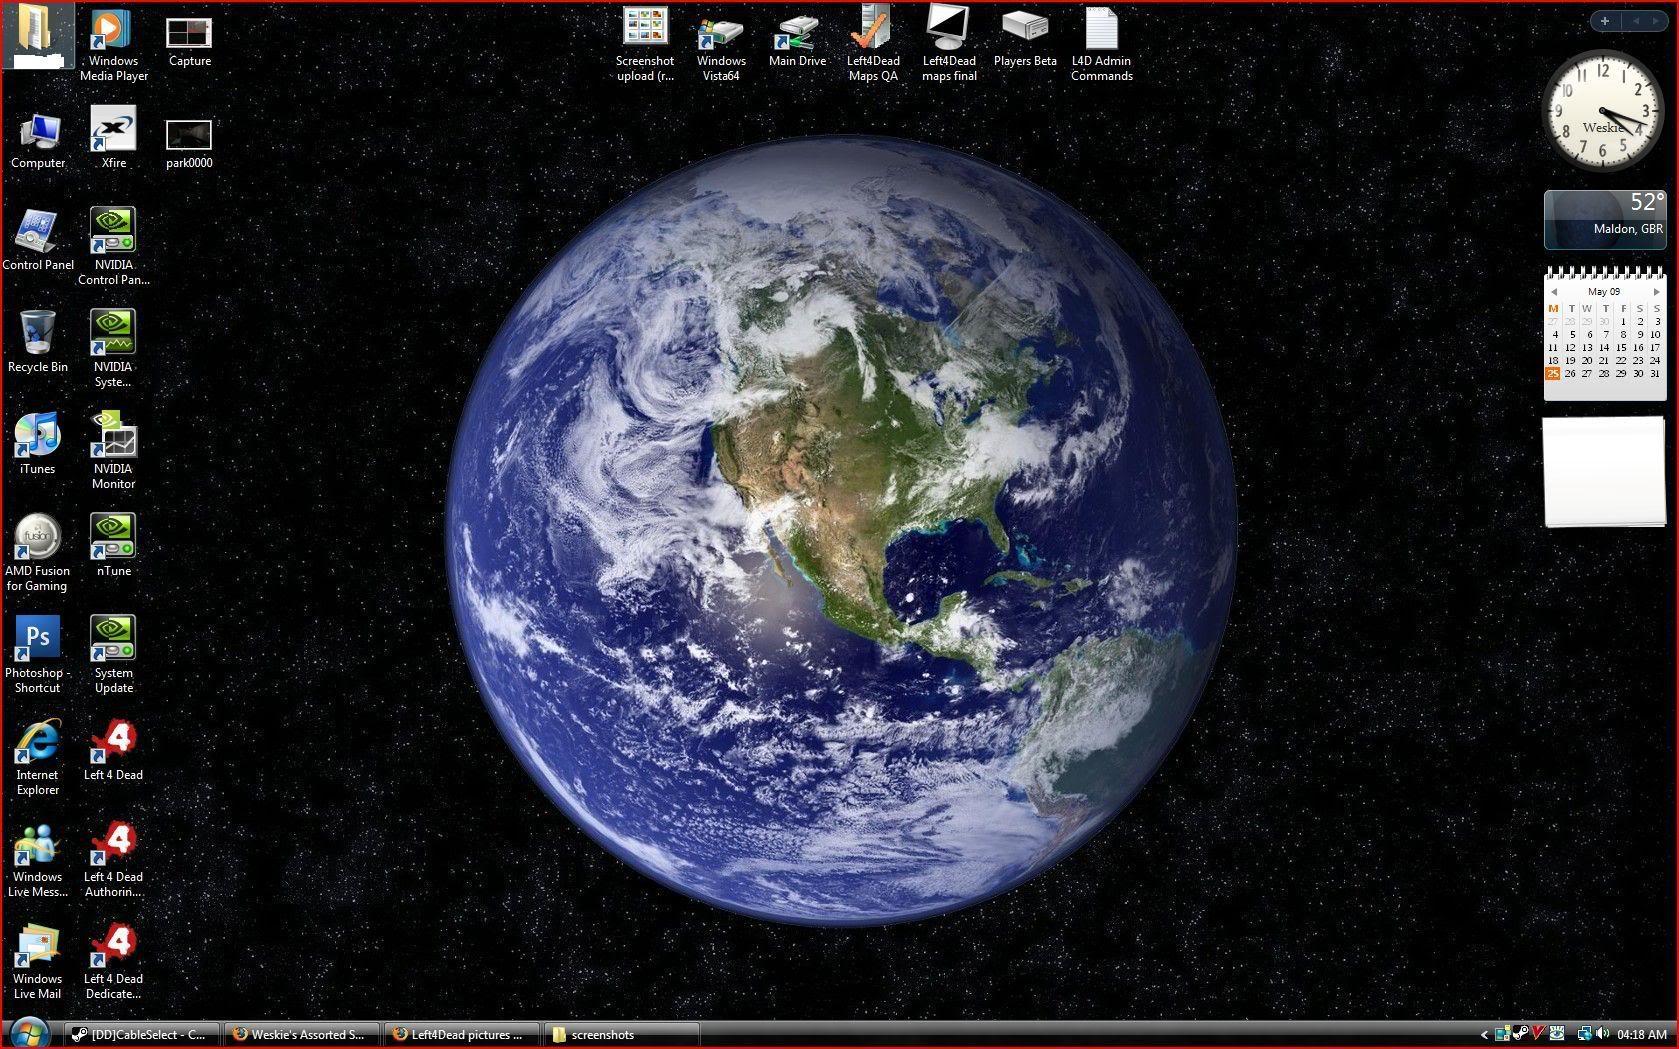 Show us your desktop! Capture